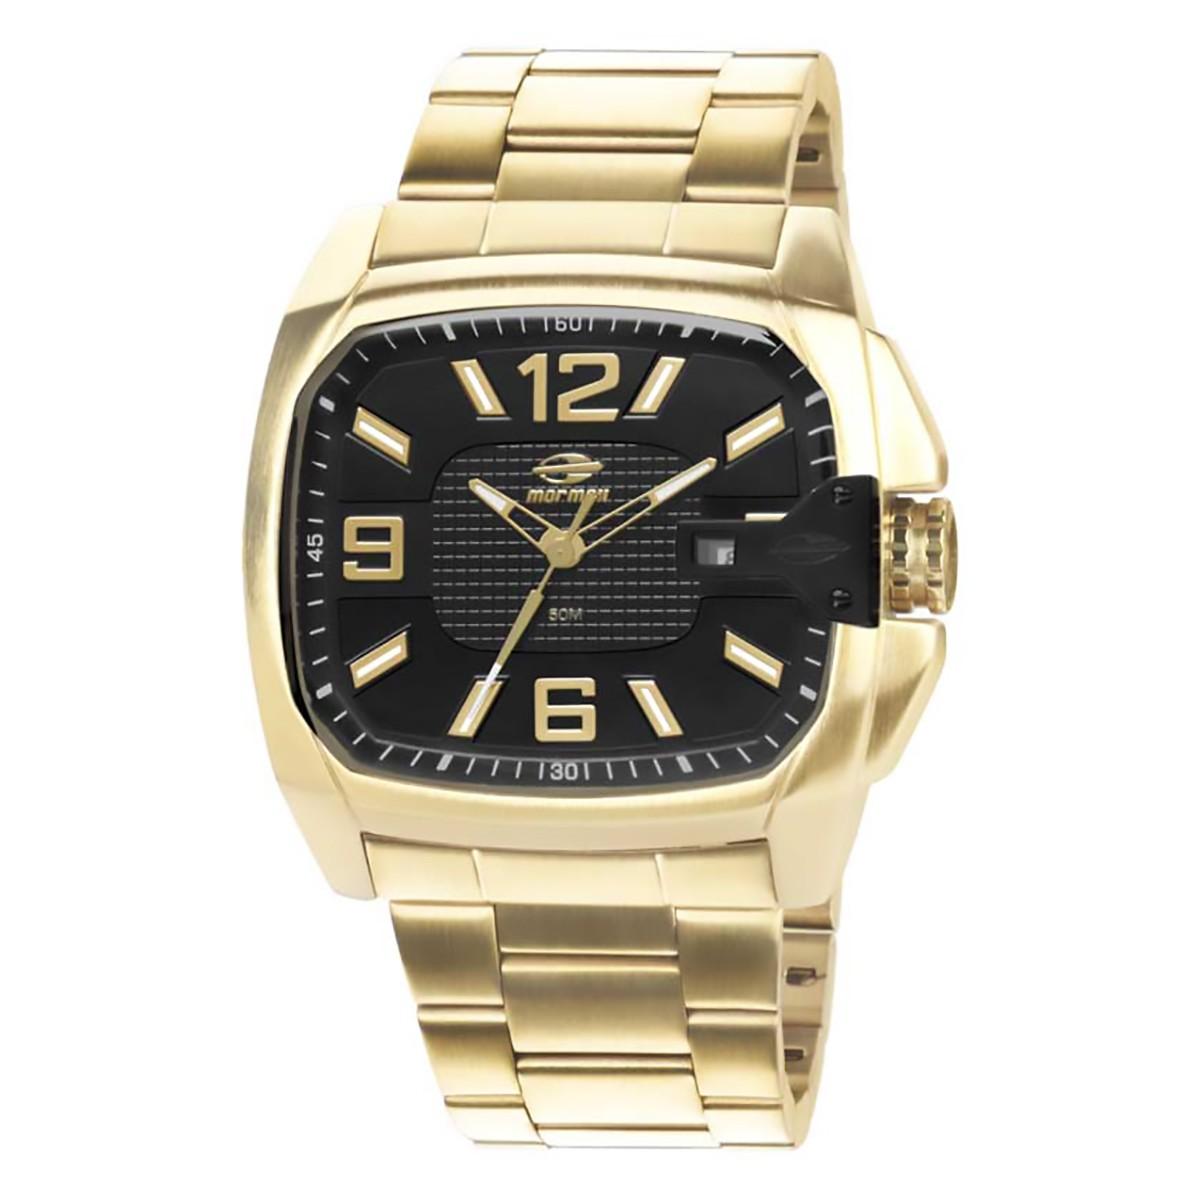 66fcd8a85a1 Compre Relógio Mormaii em 10X